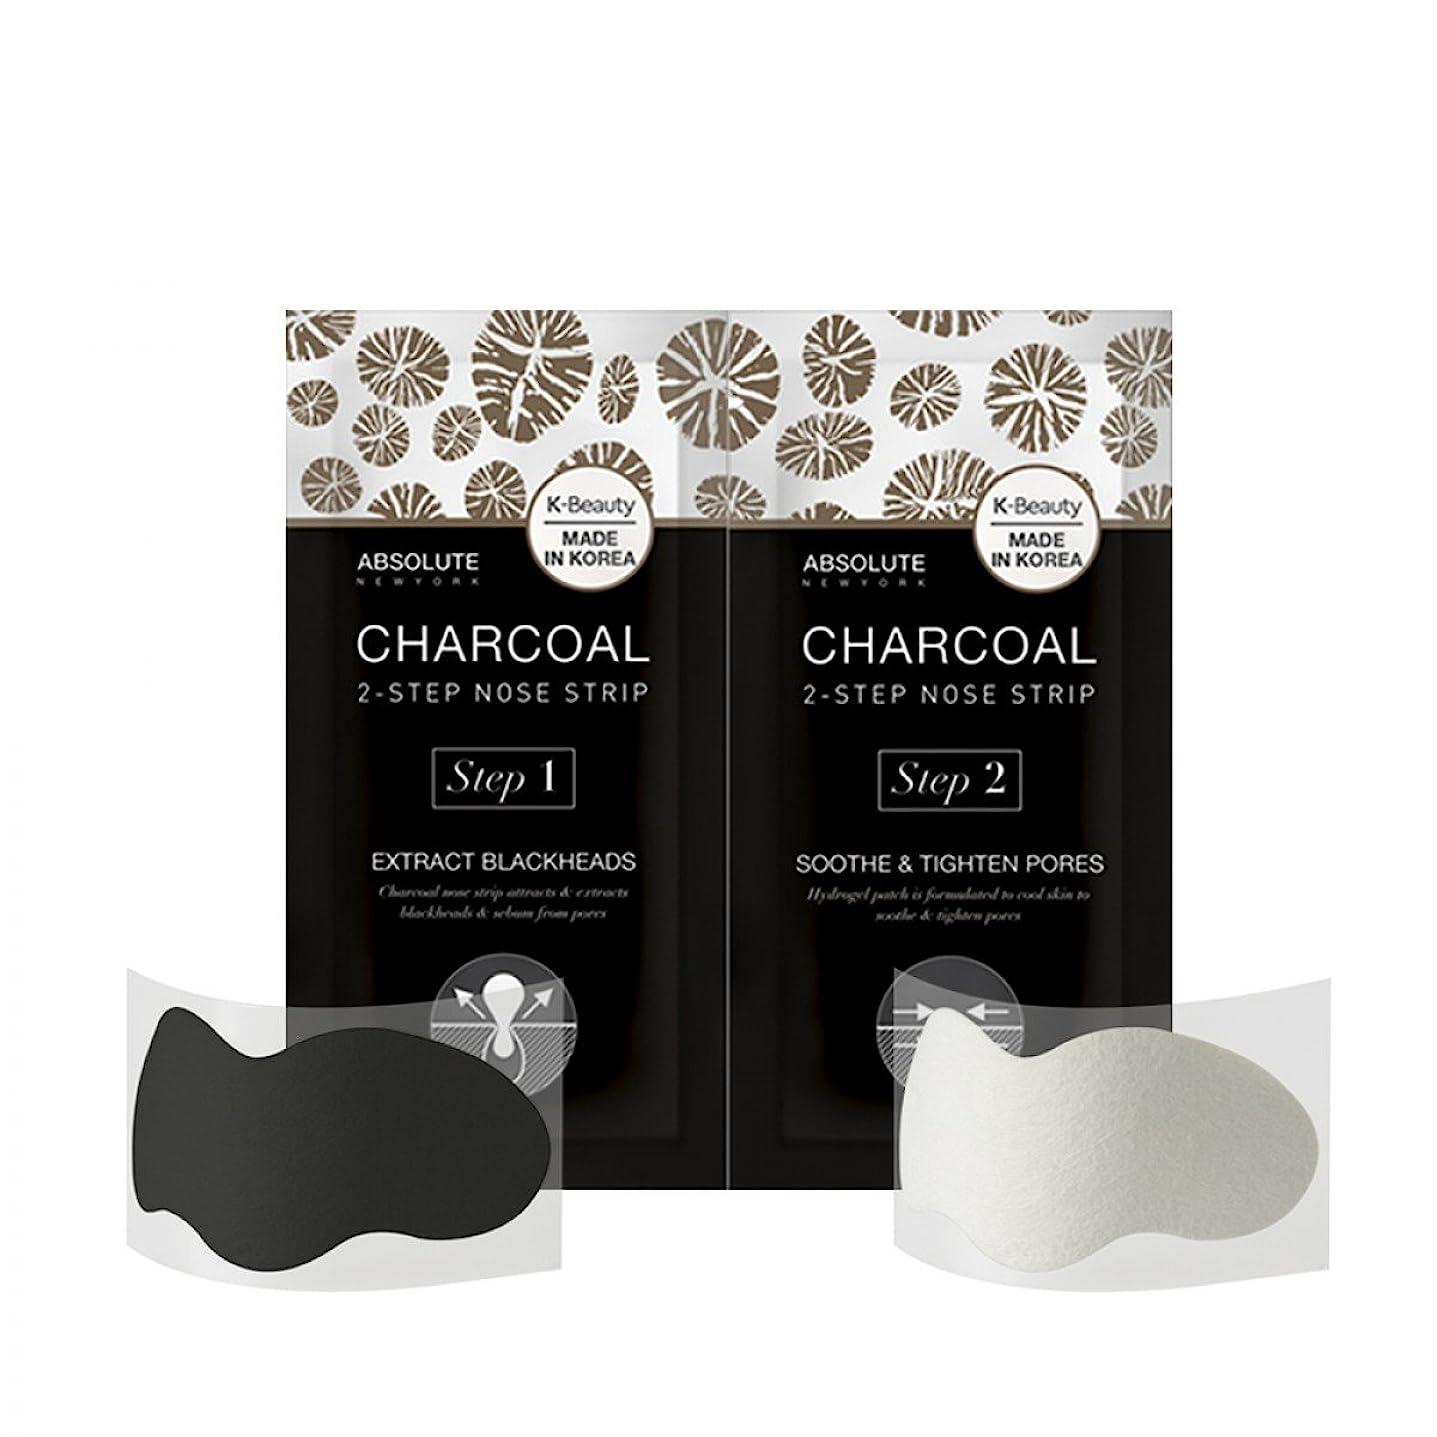 燃やすアルコール持ってる(3 Pack) ABSOLUTE Charcoal 2-Step Nose Strip (並行輸入品)